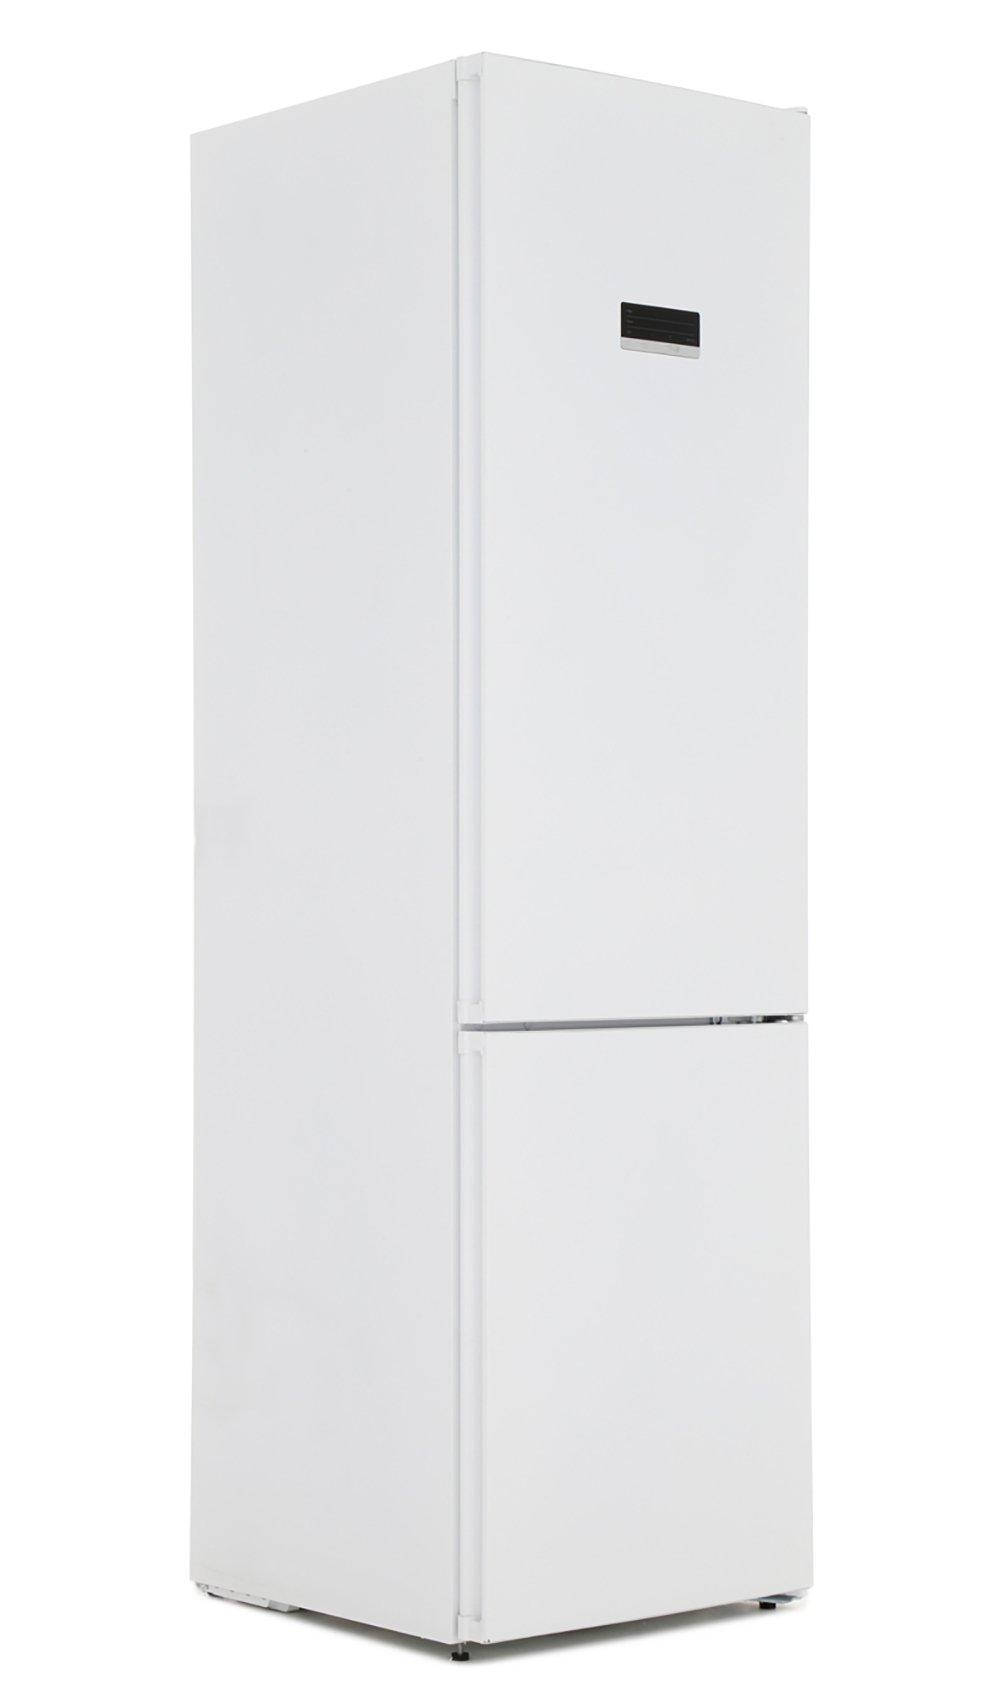 Bosch Serie 4 KGN39XW36G Frost Free Fridge Freezer